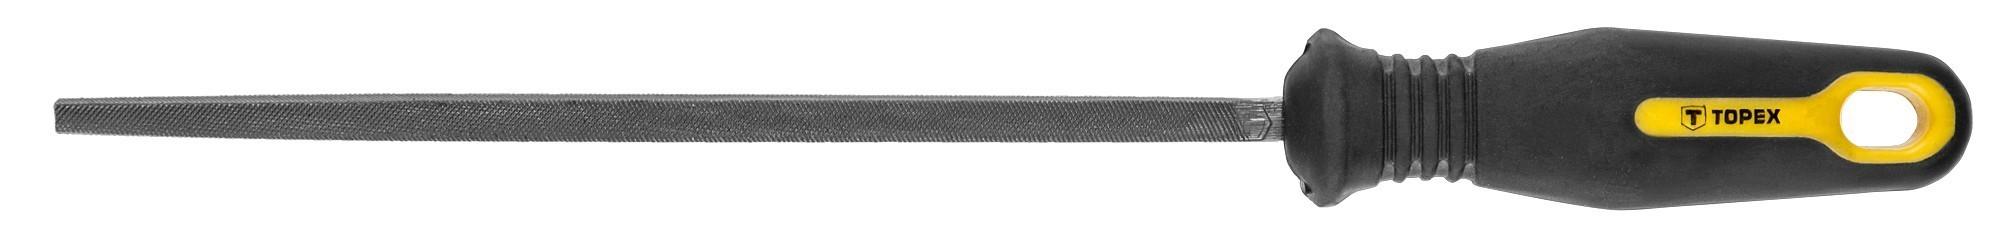 Fémreszelõ 200 mm / 2 mm négyszög | TOPEX 06A724